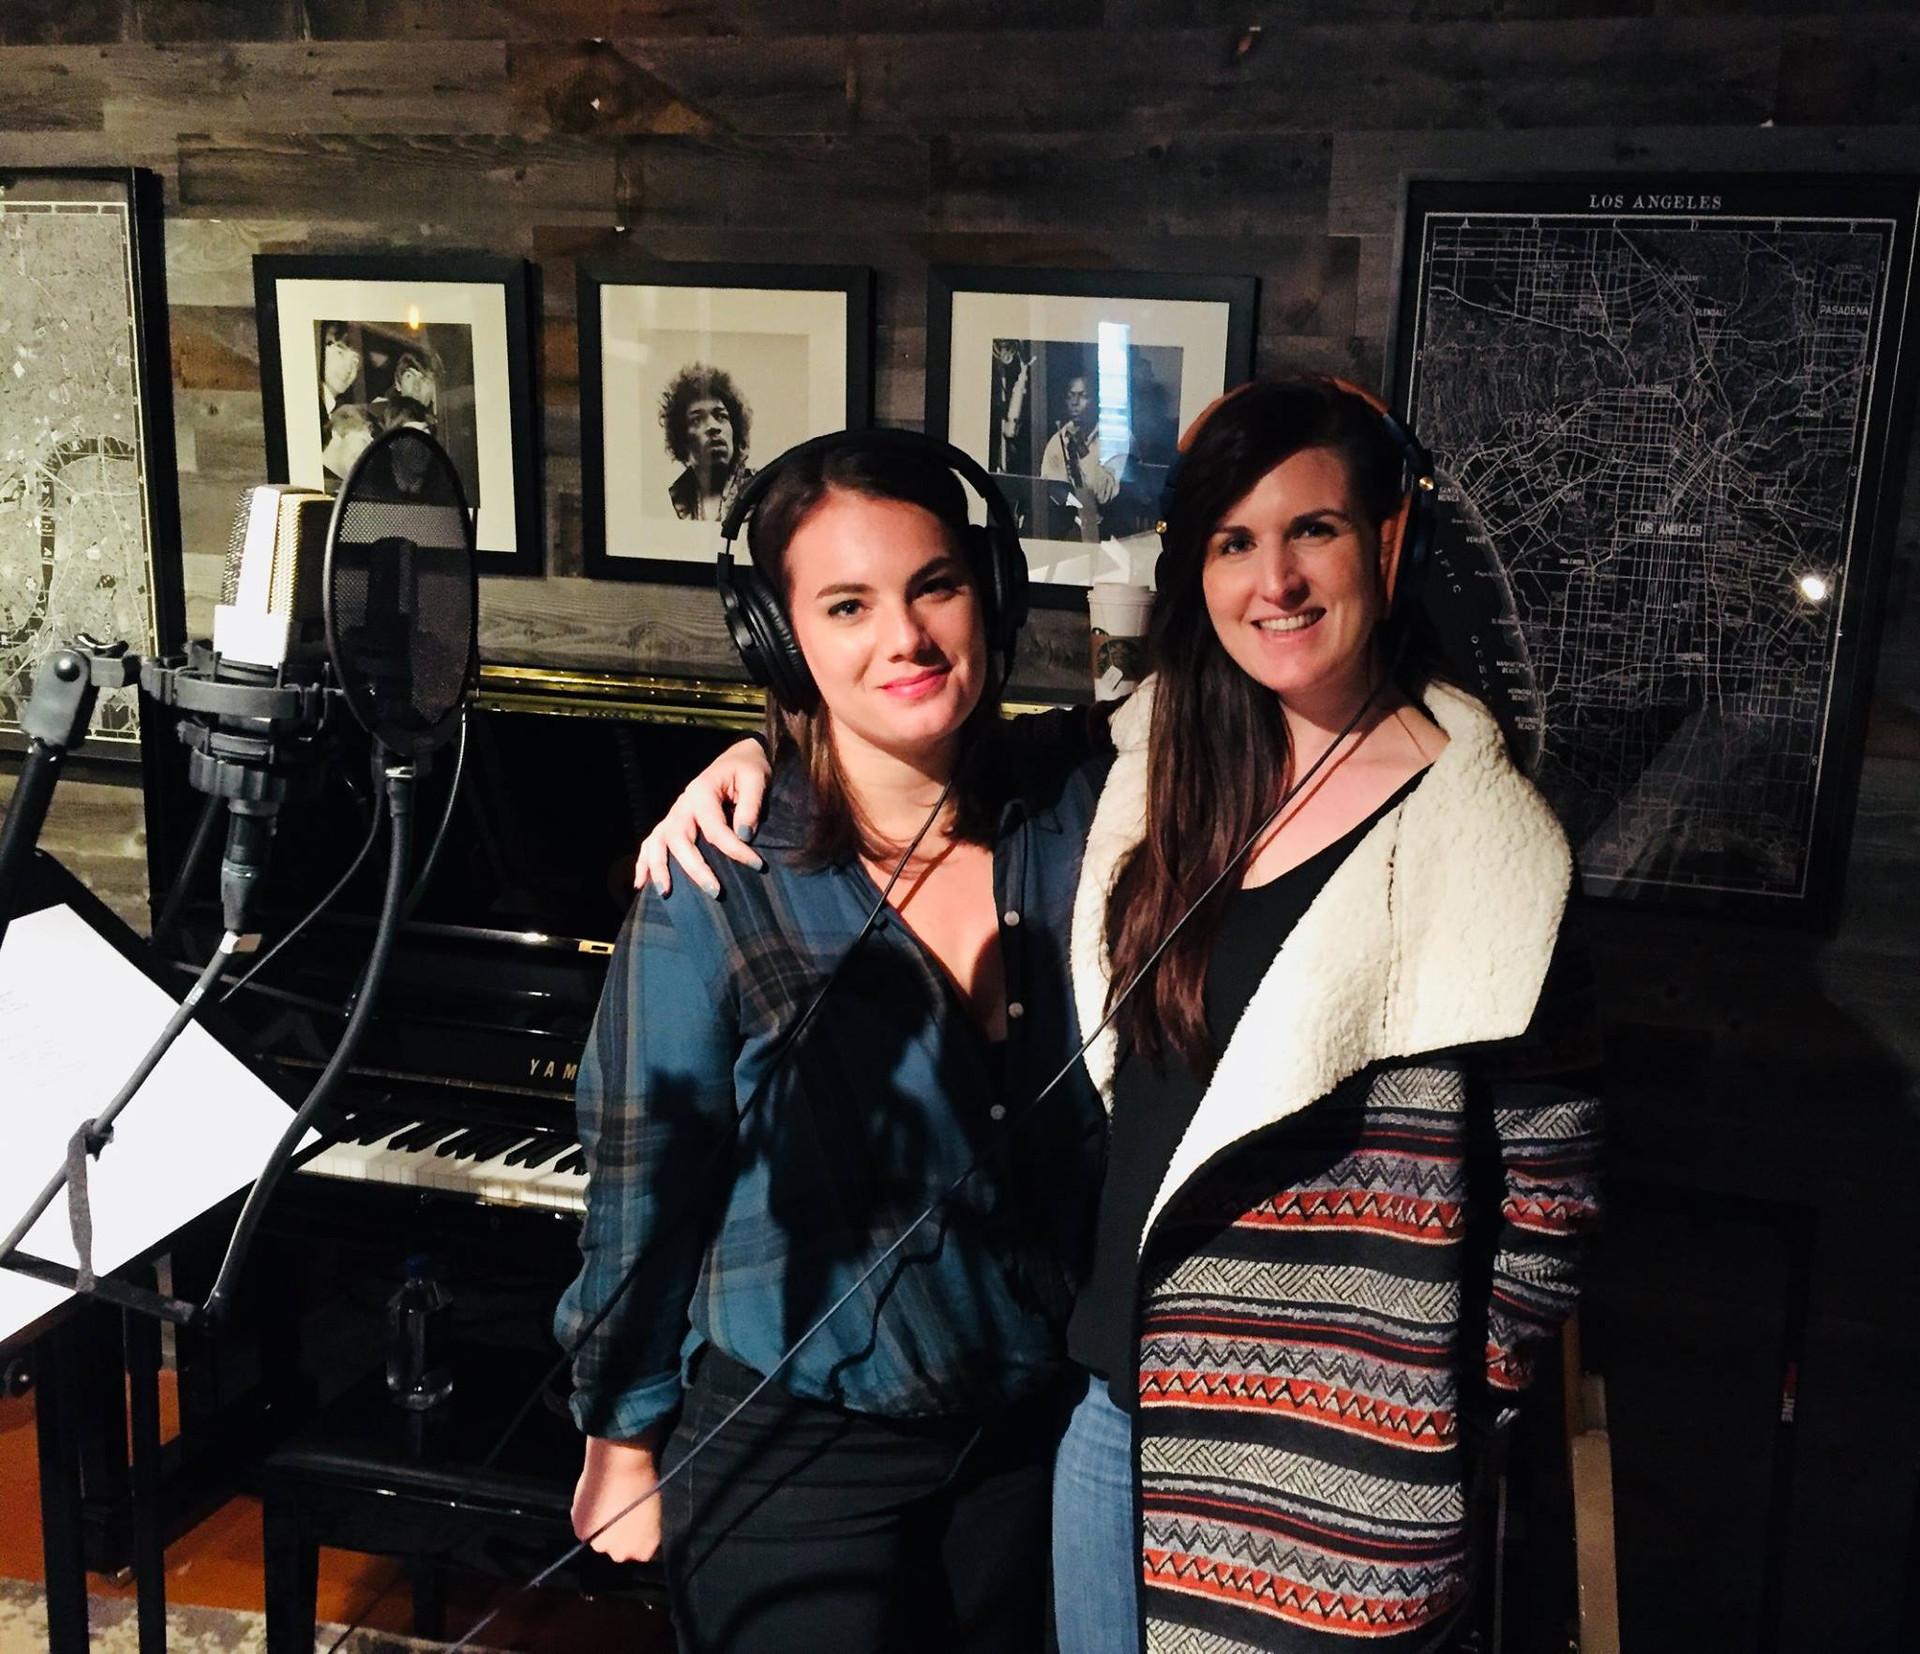 Recording session for film 'Peter Rabbit' with singer Katharine Hoye (2017)